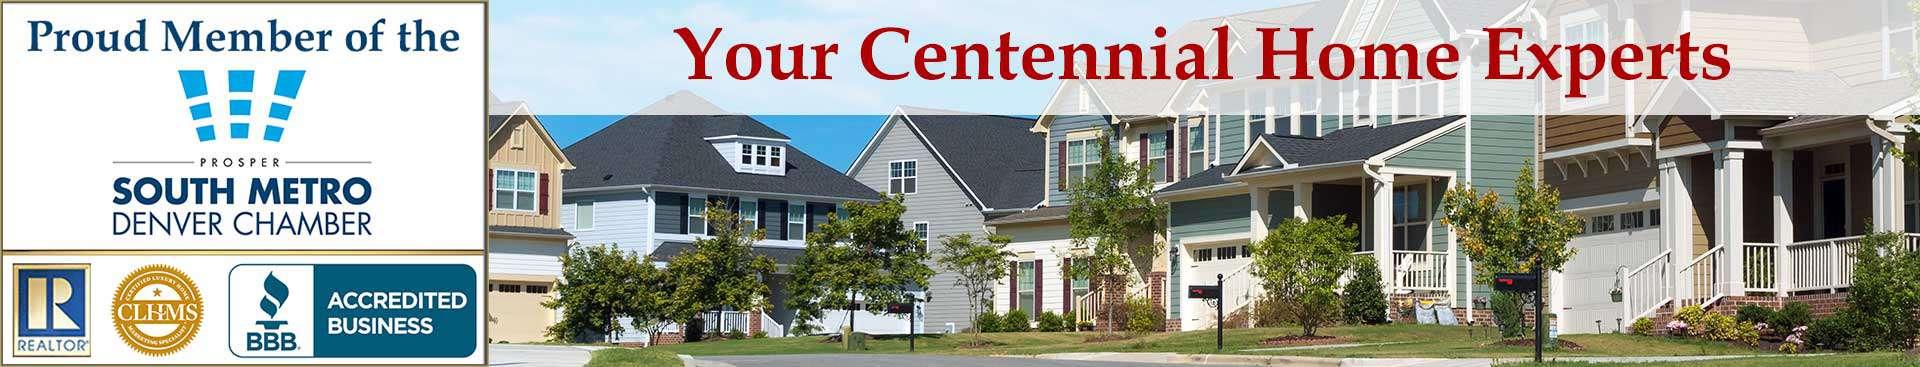 Centennial CO Organizational Banner